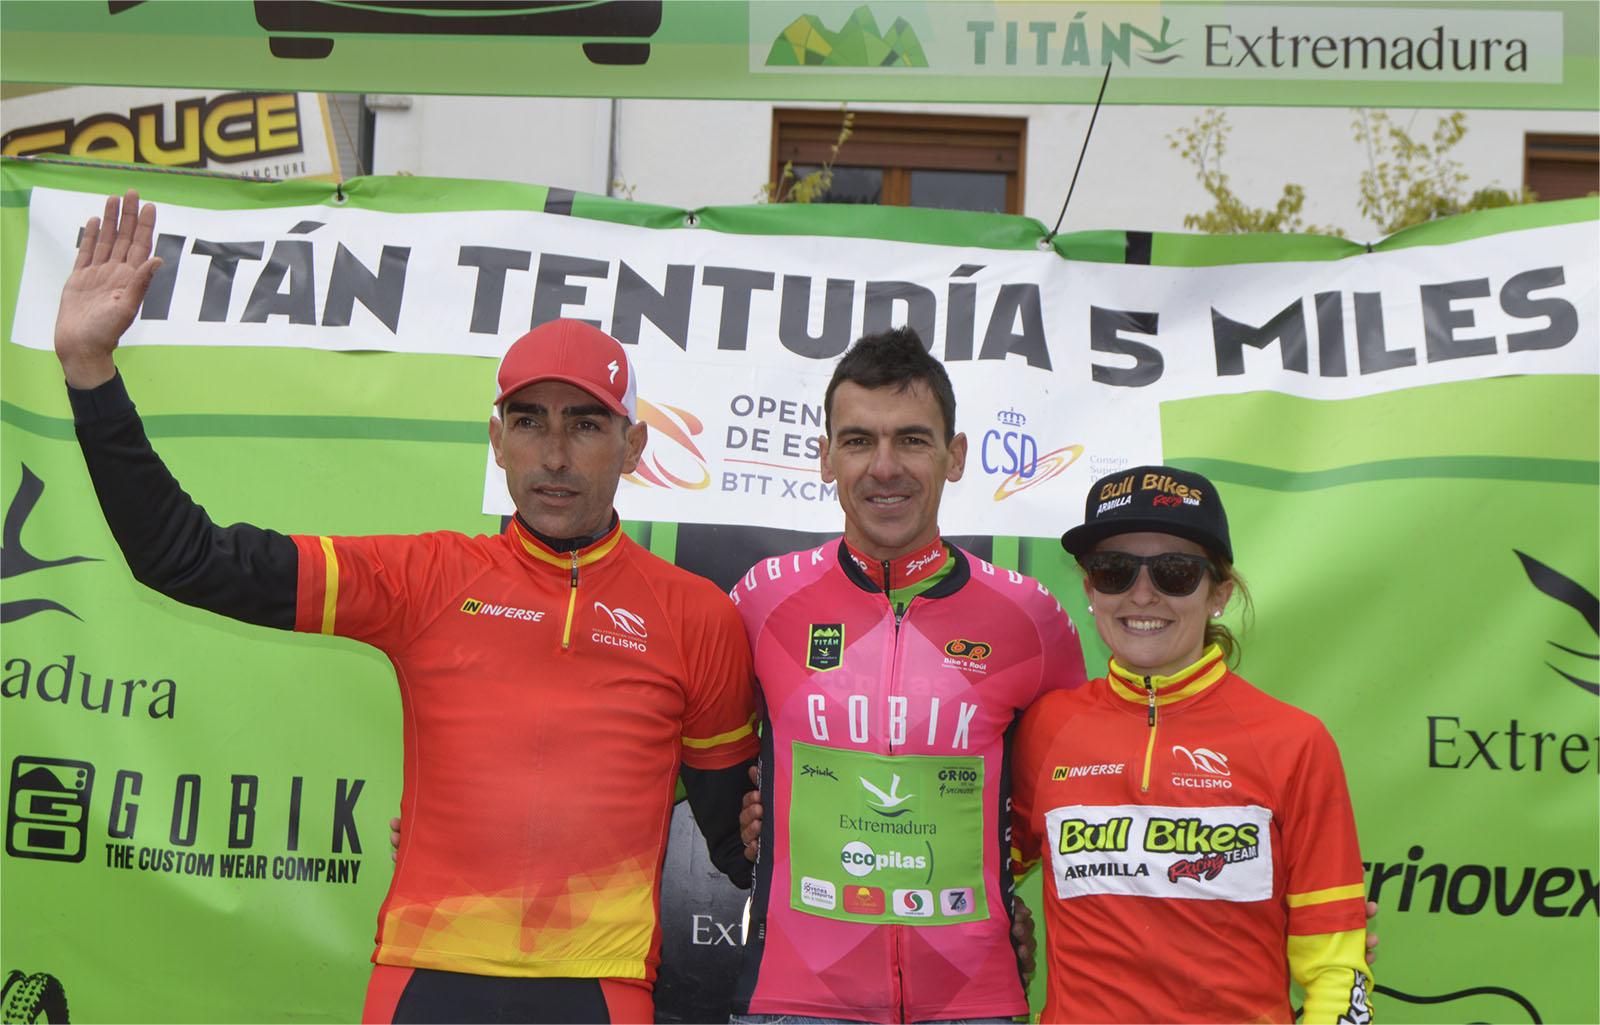 Pedro Romero gana la Titán Tentudía 5 Miles de Cabeza la Vaca